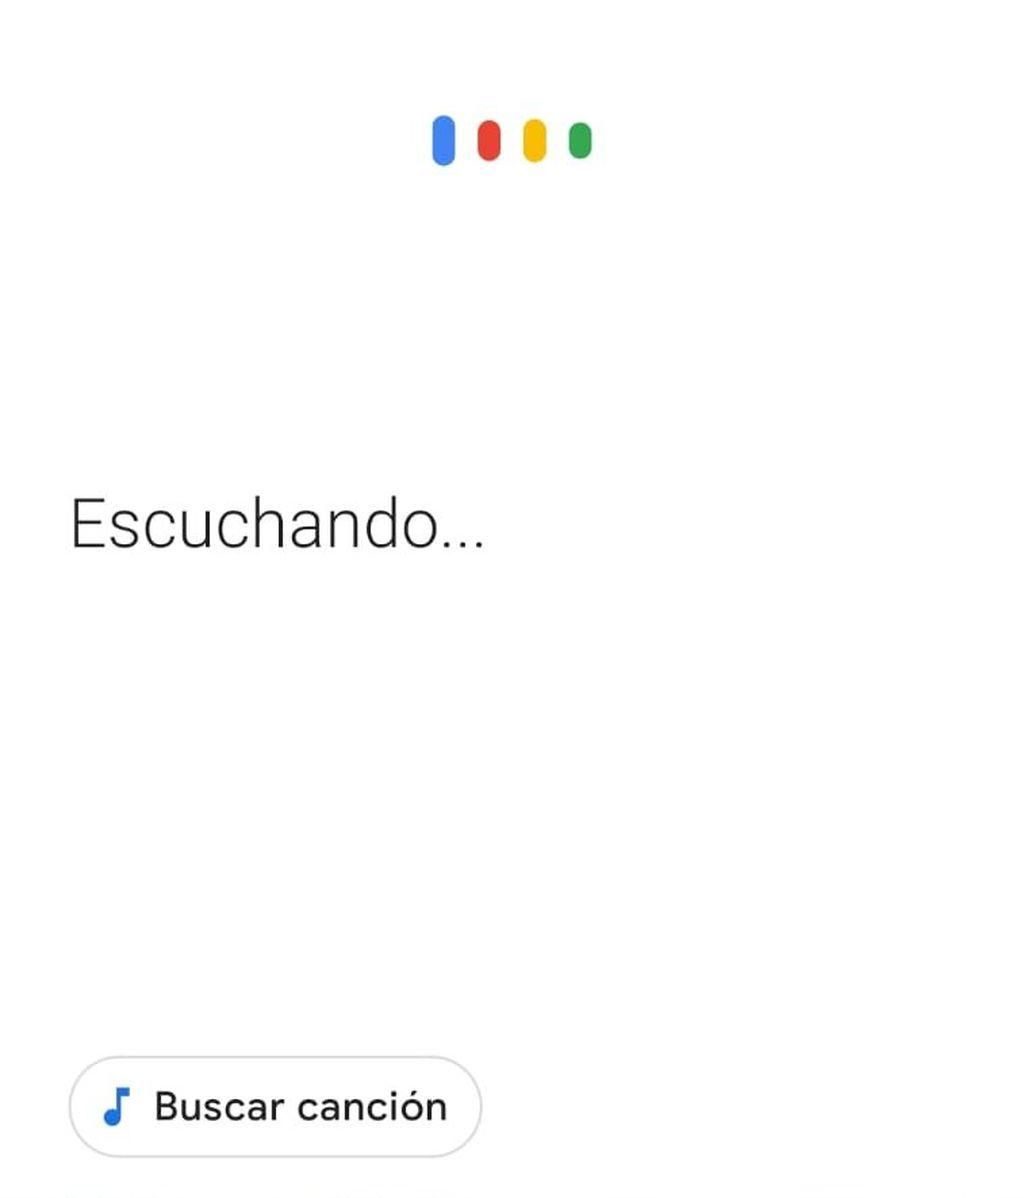 Botón 'Buscar canción'